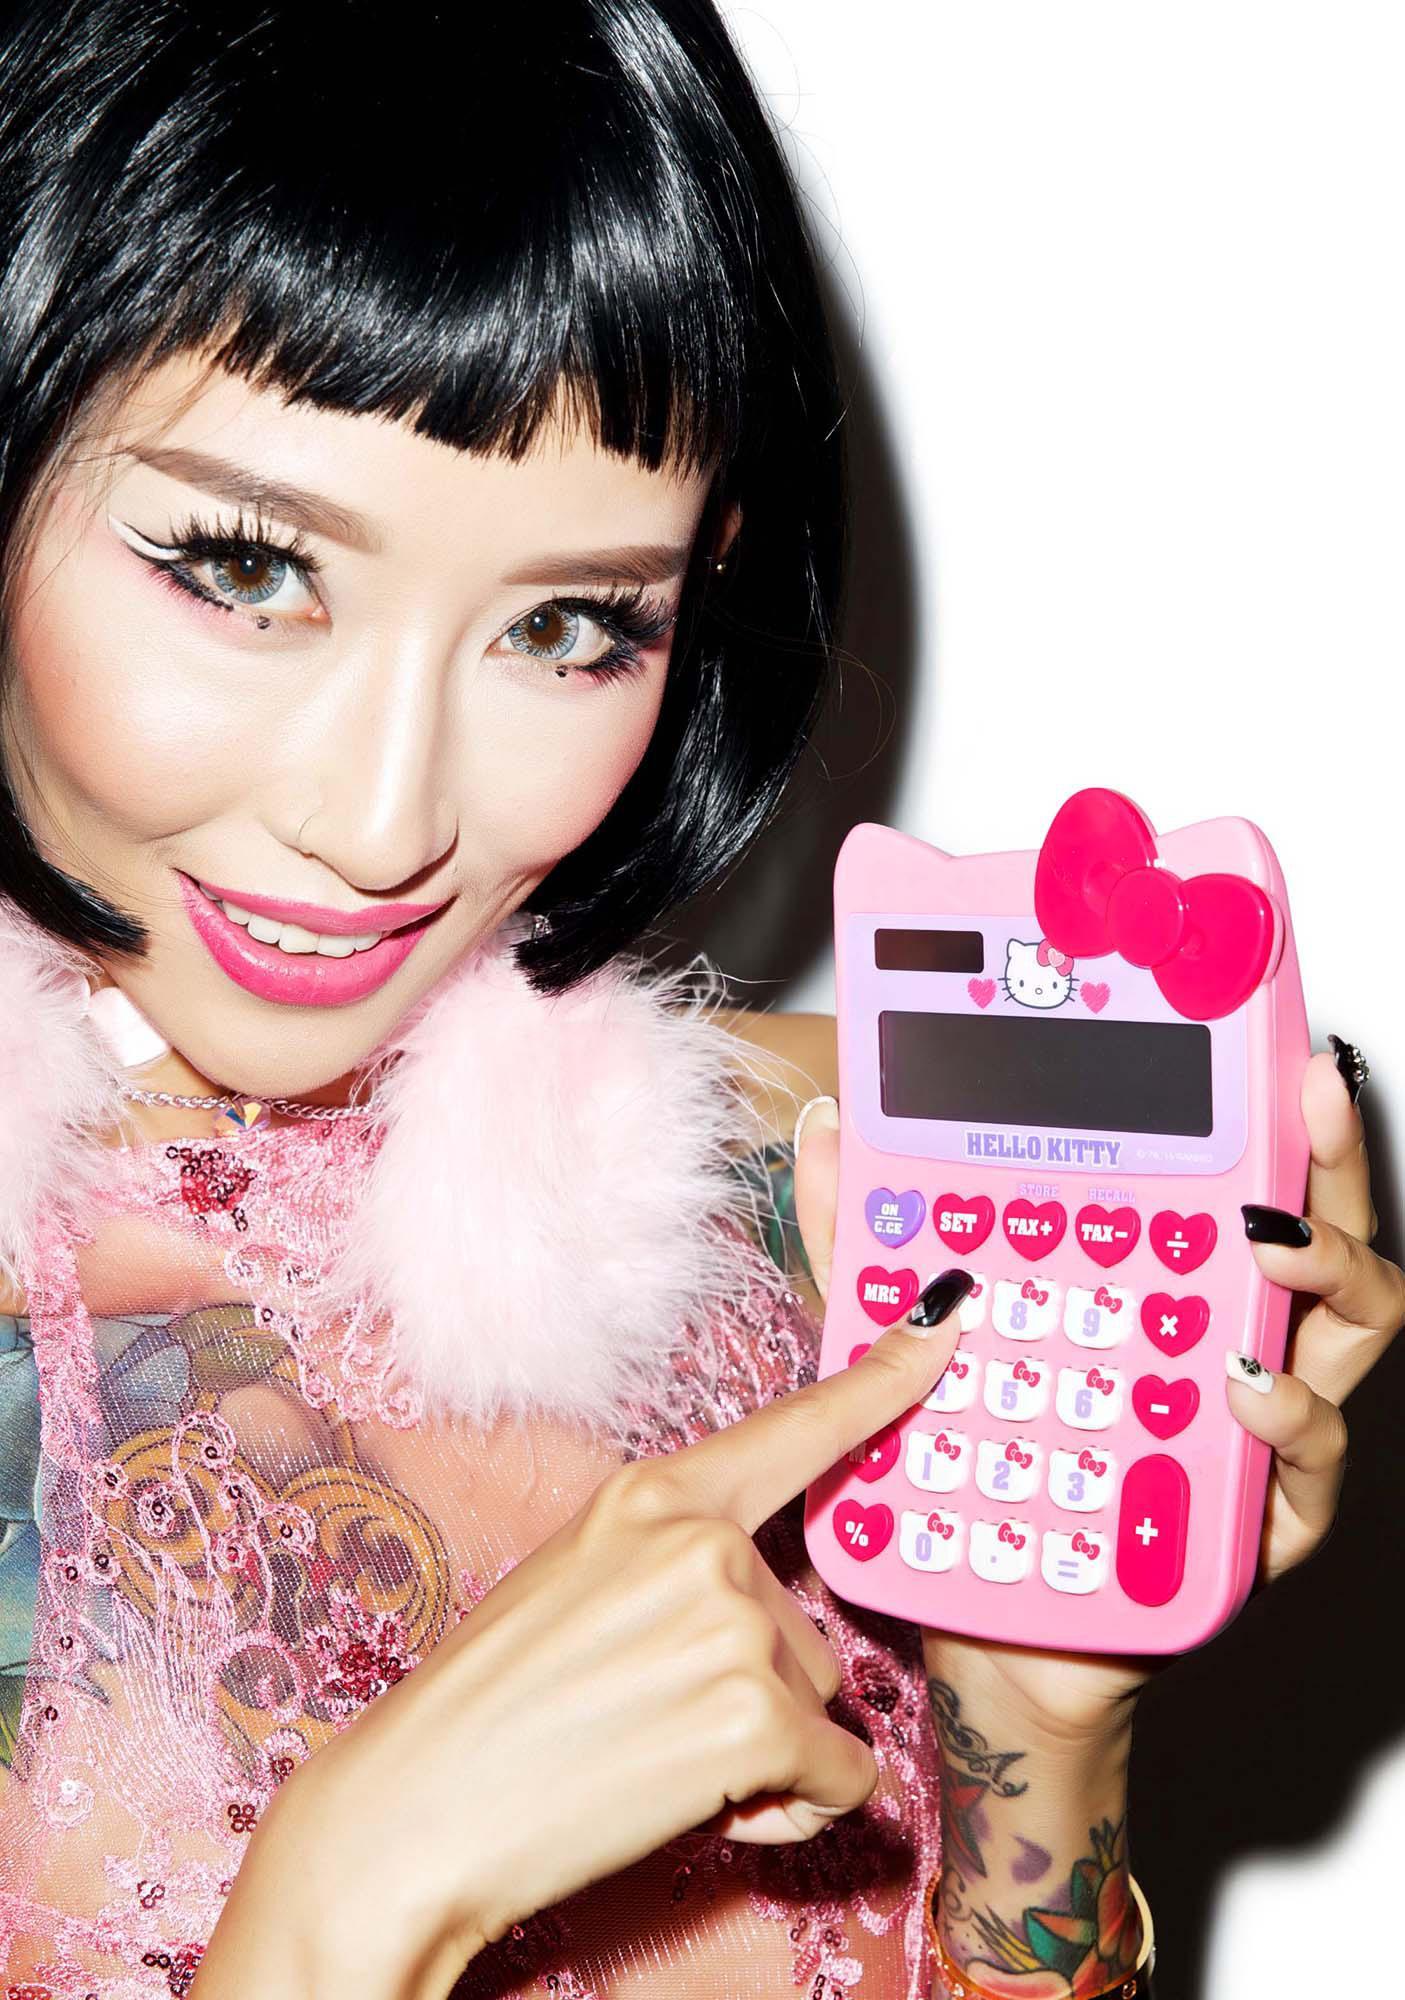 Sanrio Hello Kitty Calculator